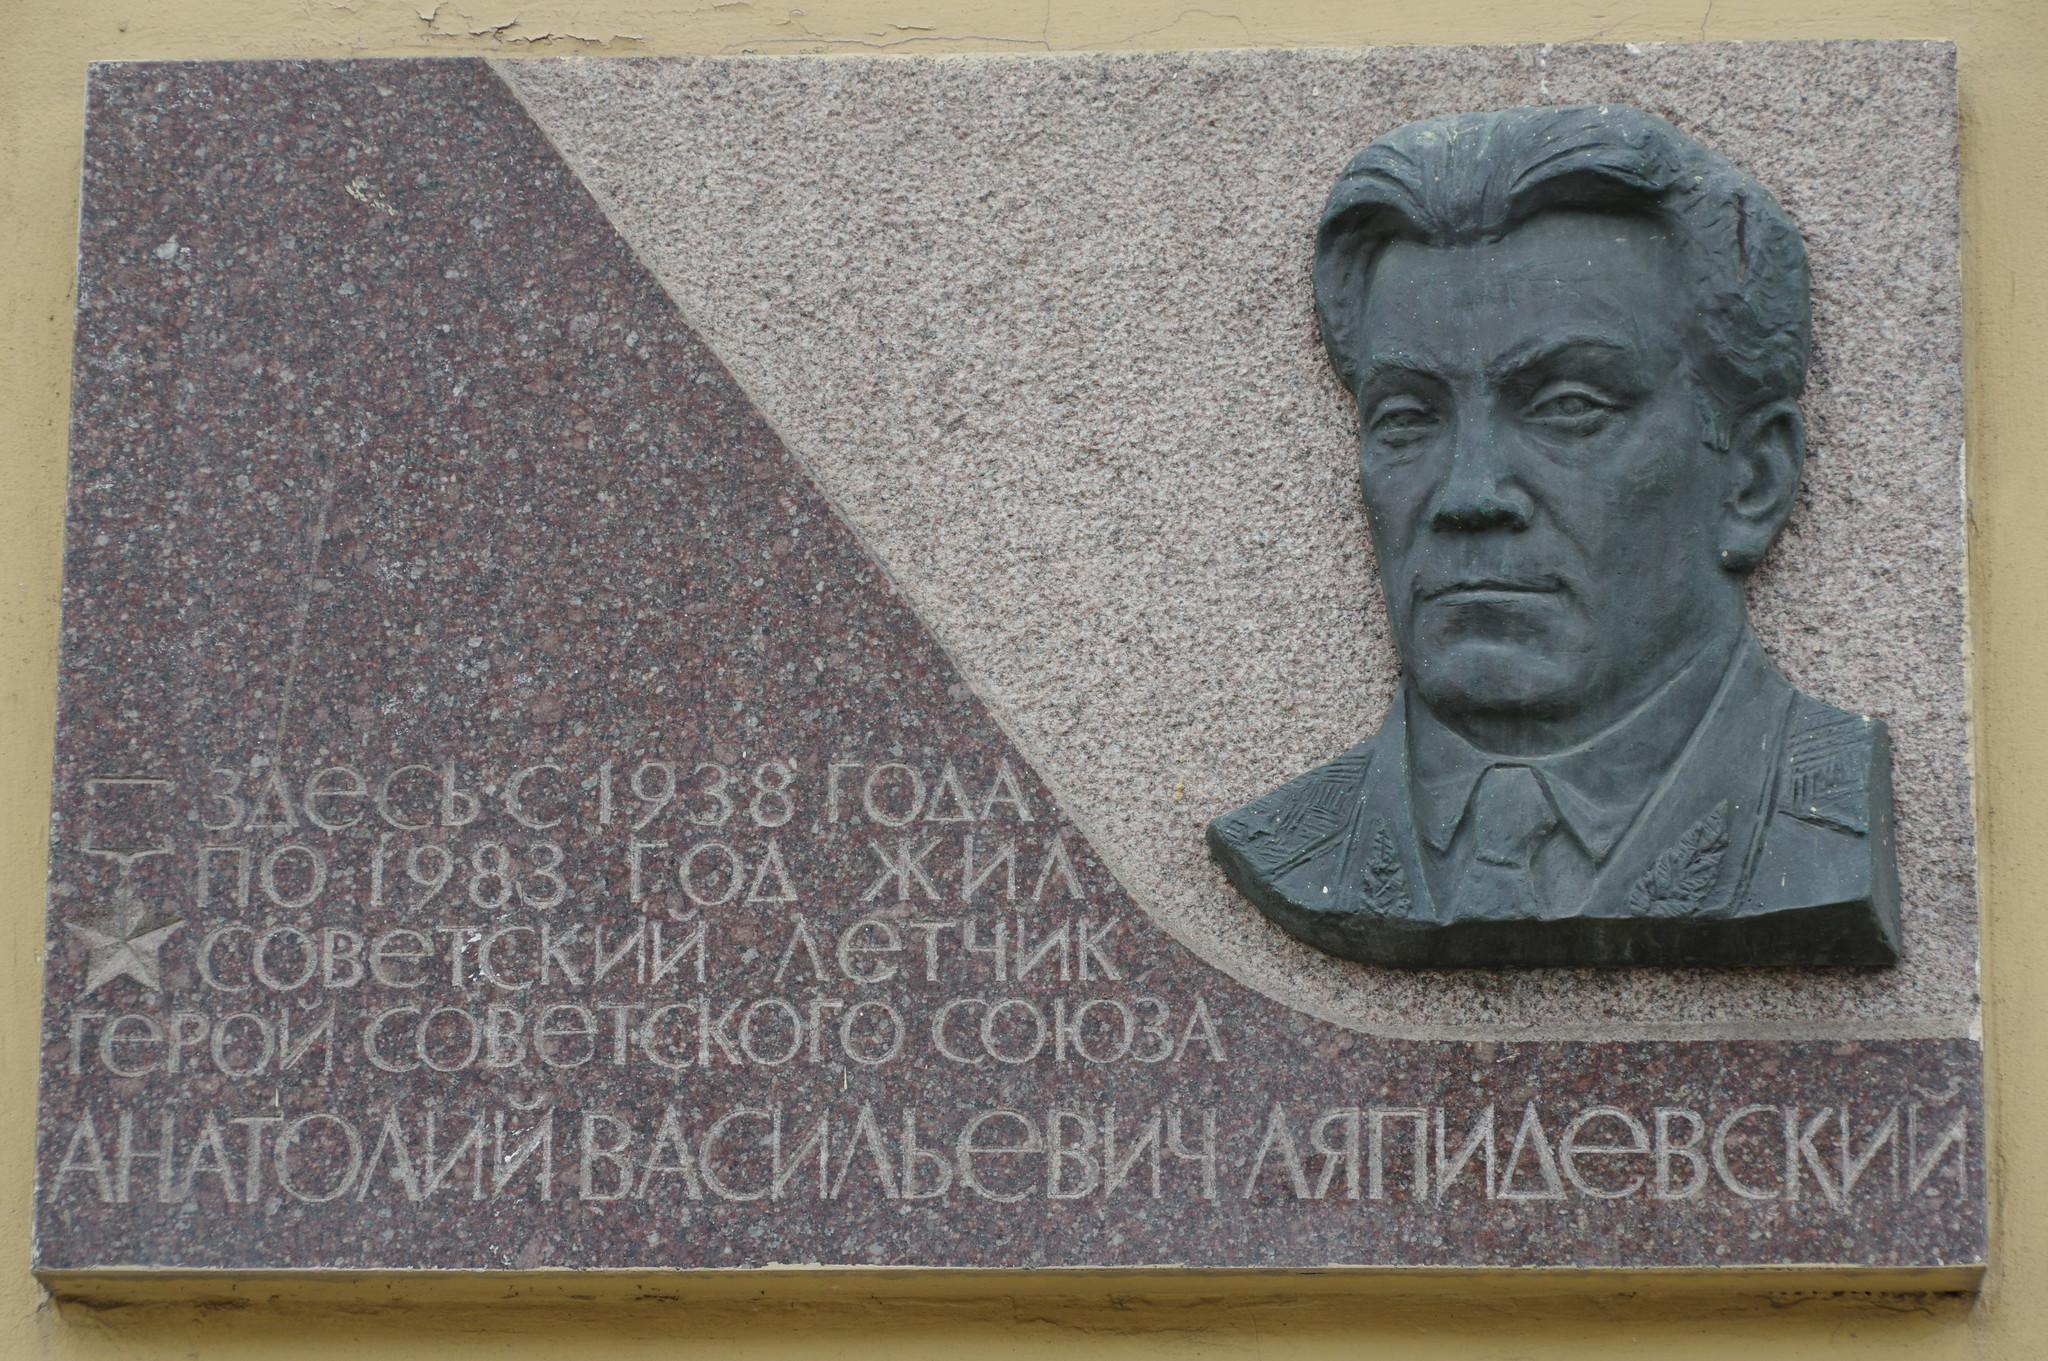 Мемориальная доска на «Доме полярников» (Никитский бульвар, дом 9), где с 1938 по 1983 год жил первый Герой Советского Союза Анатолий Васильевич Ляпидевский